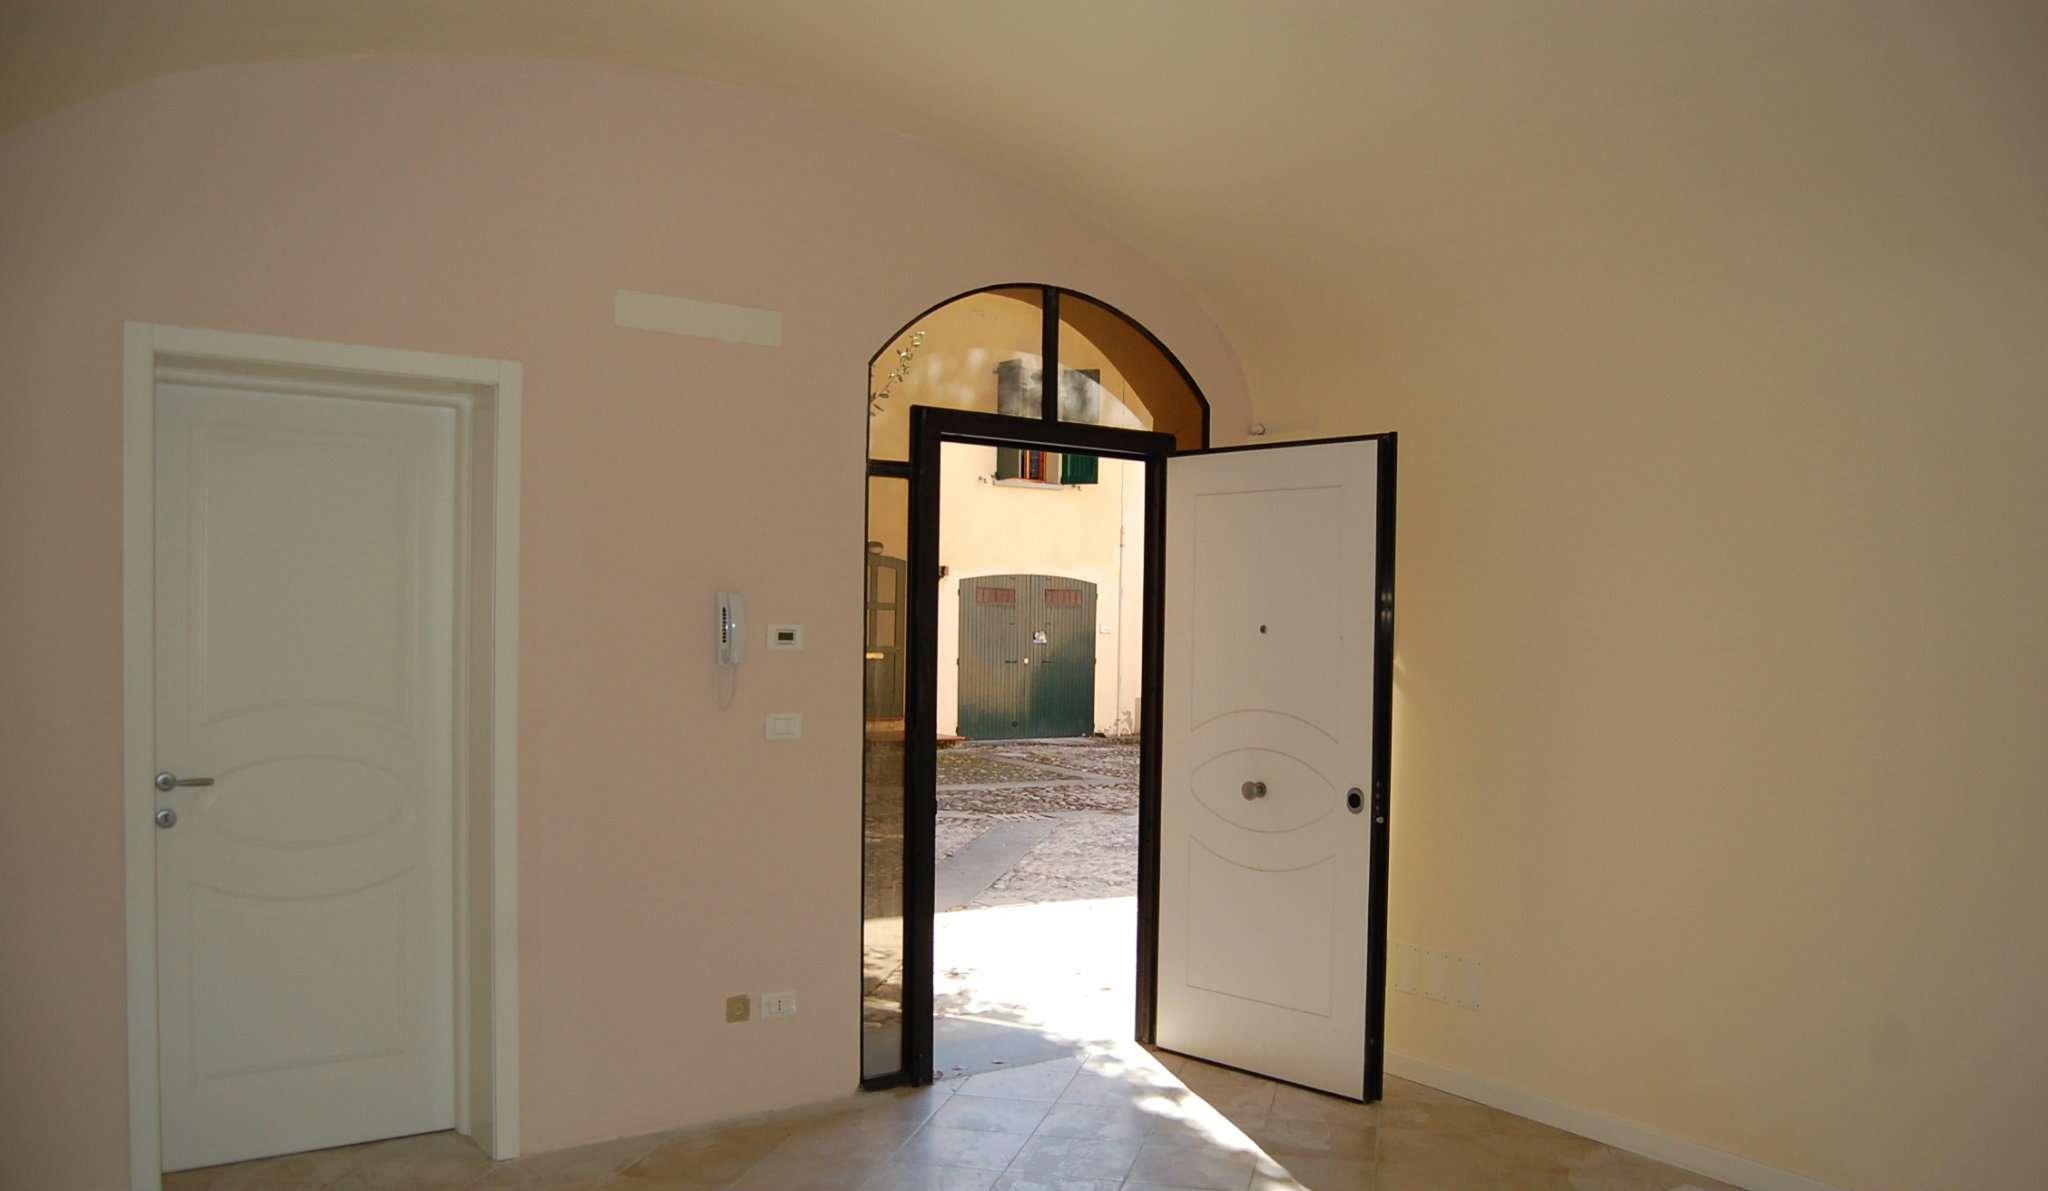 Appartamento in vendita a Imola, 1 locali, prezzo € 60.000   Cambio Casa.it